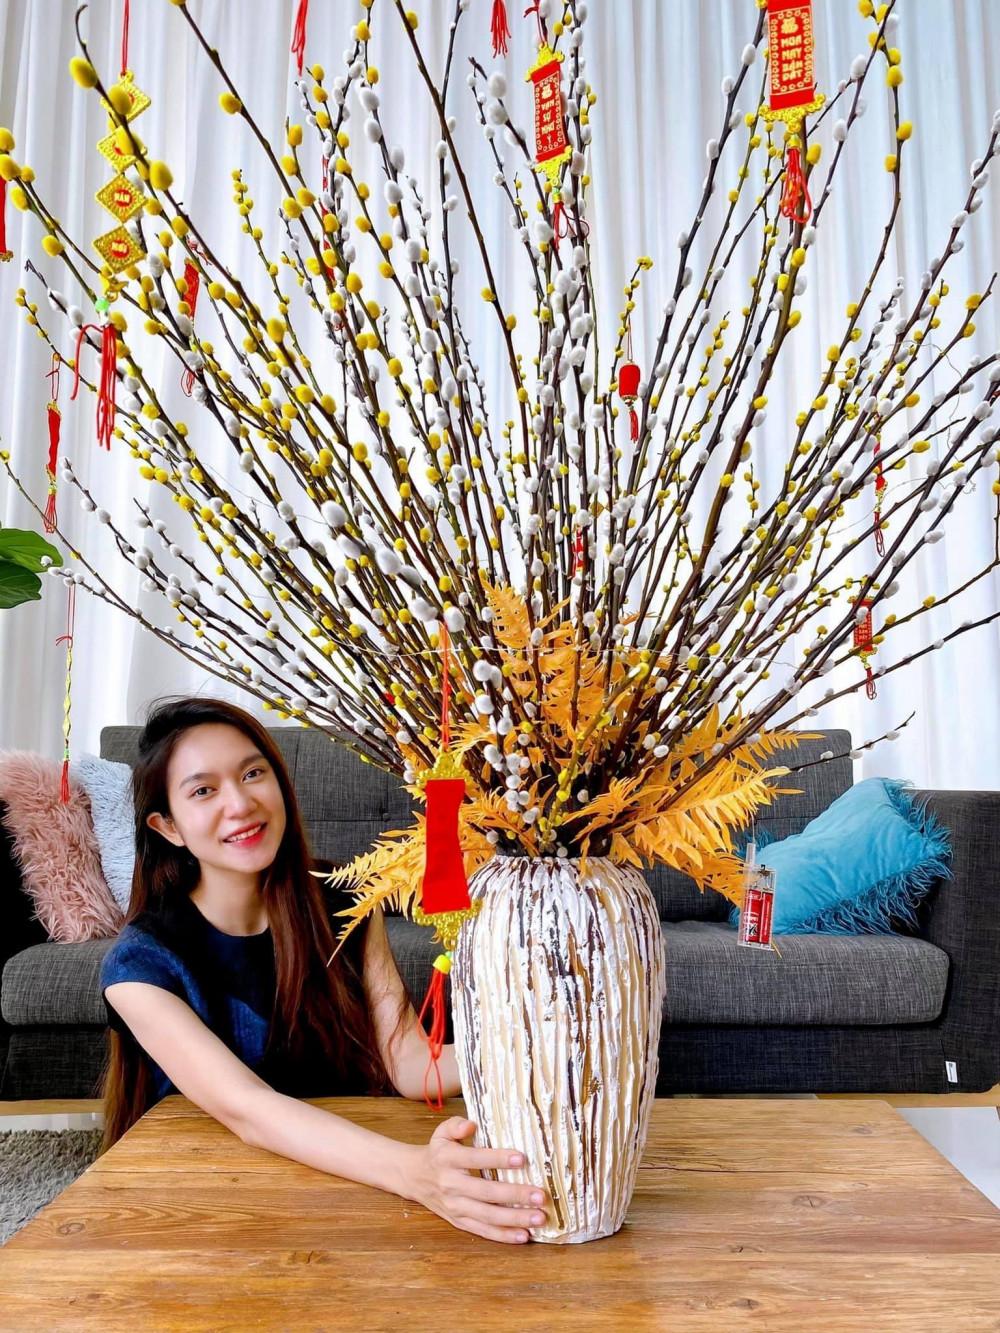 Nhà sản xuất Minh Hà, bà xã Lý Hải cũng kịp mua chậu hoa đặt giữa phòng khách cầu mong năm mới phát tài, bình an.